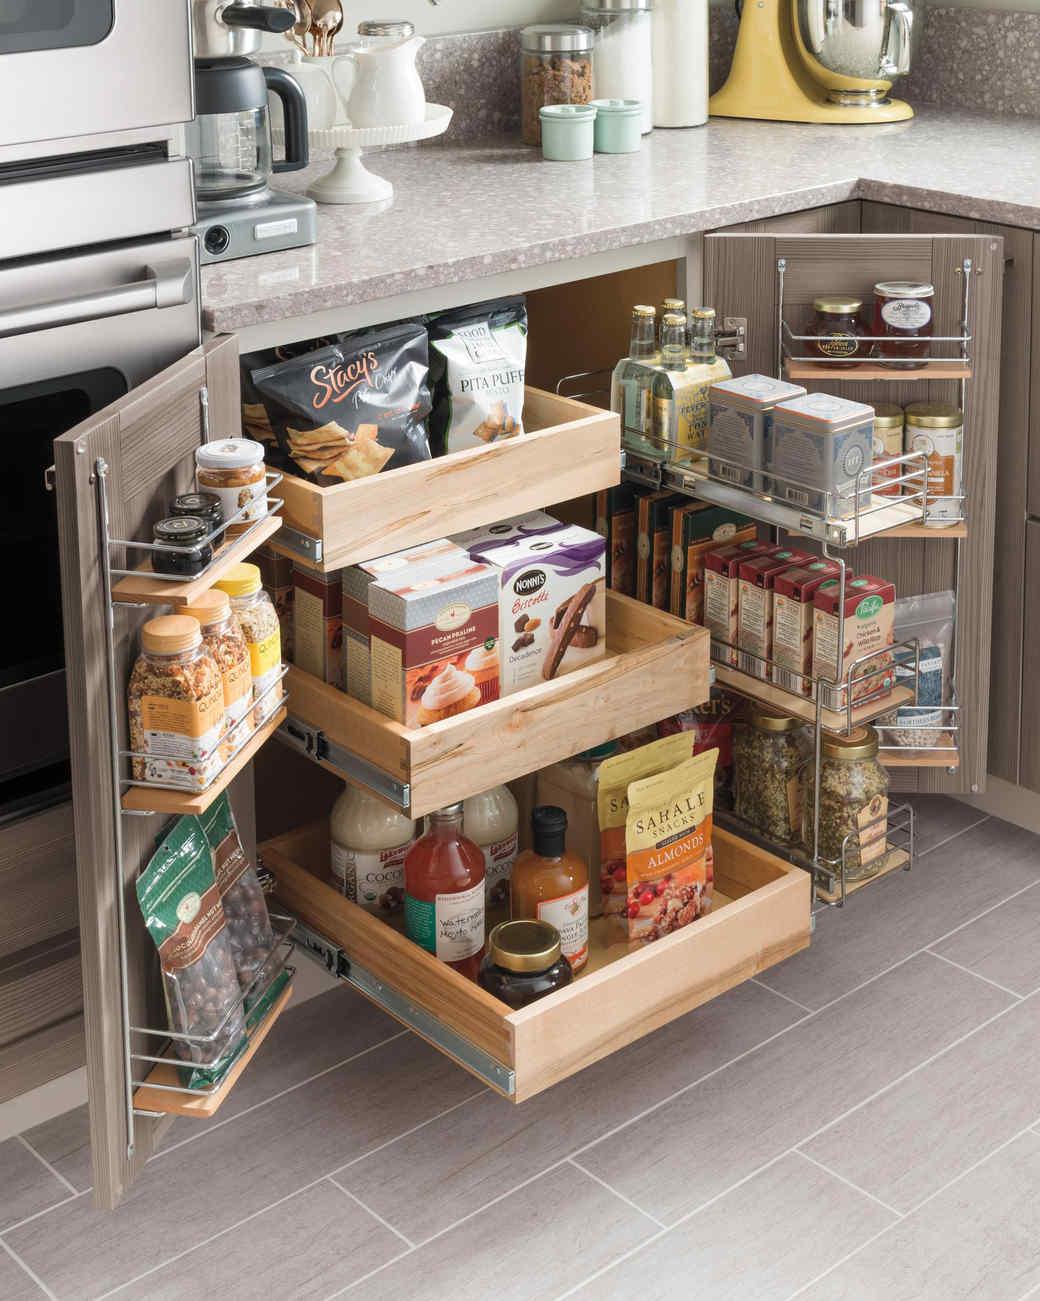 Setiap Rak Dapat Difungsikan Untuk Meletn Bahan Dan Peralatan Dapur Keunikan Lemari Ini Juga Terdapat Pada Sisi Samping Yang Raknya